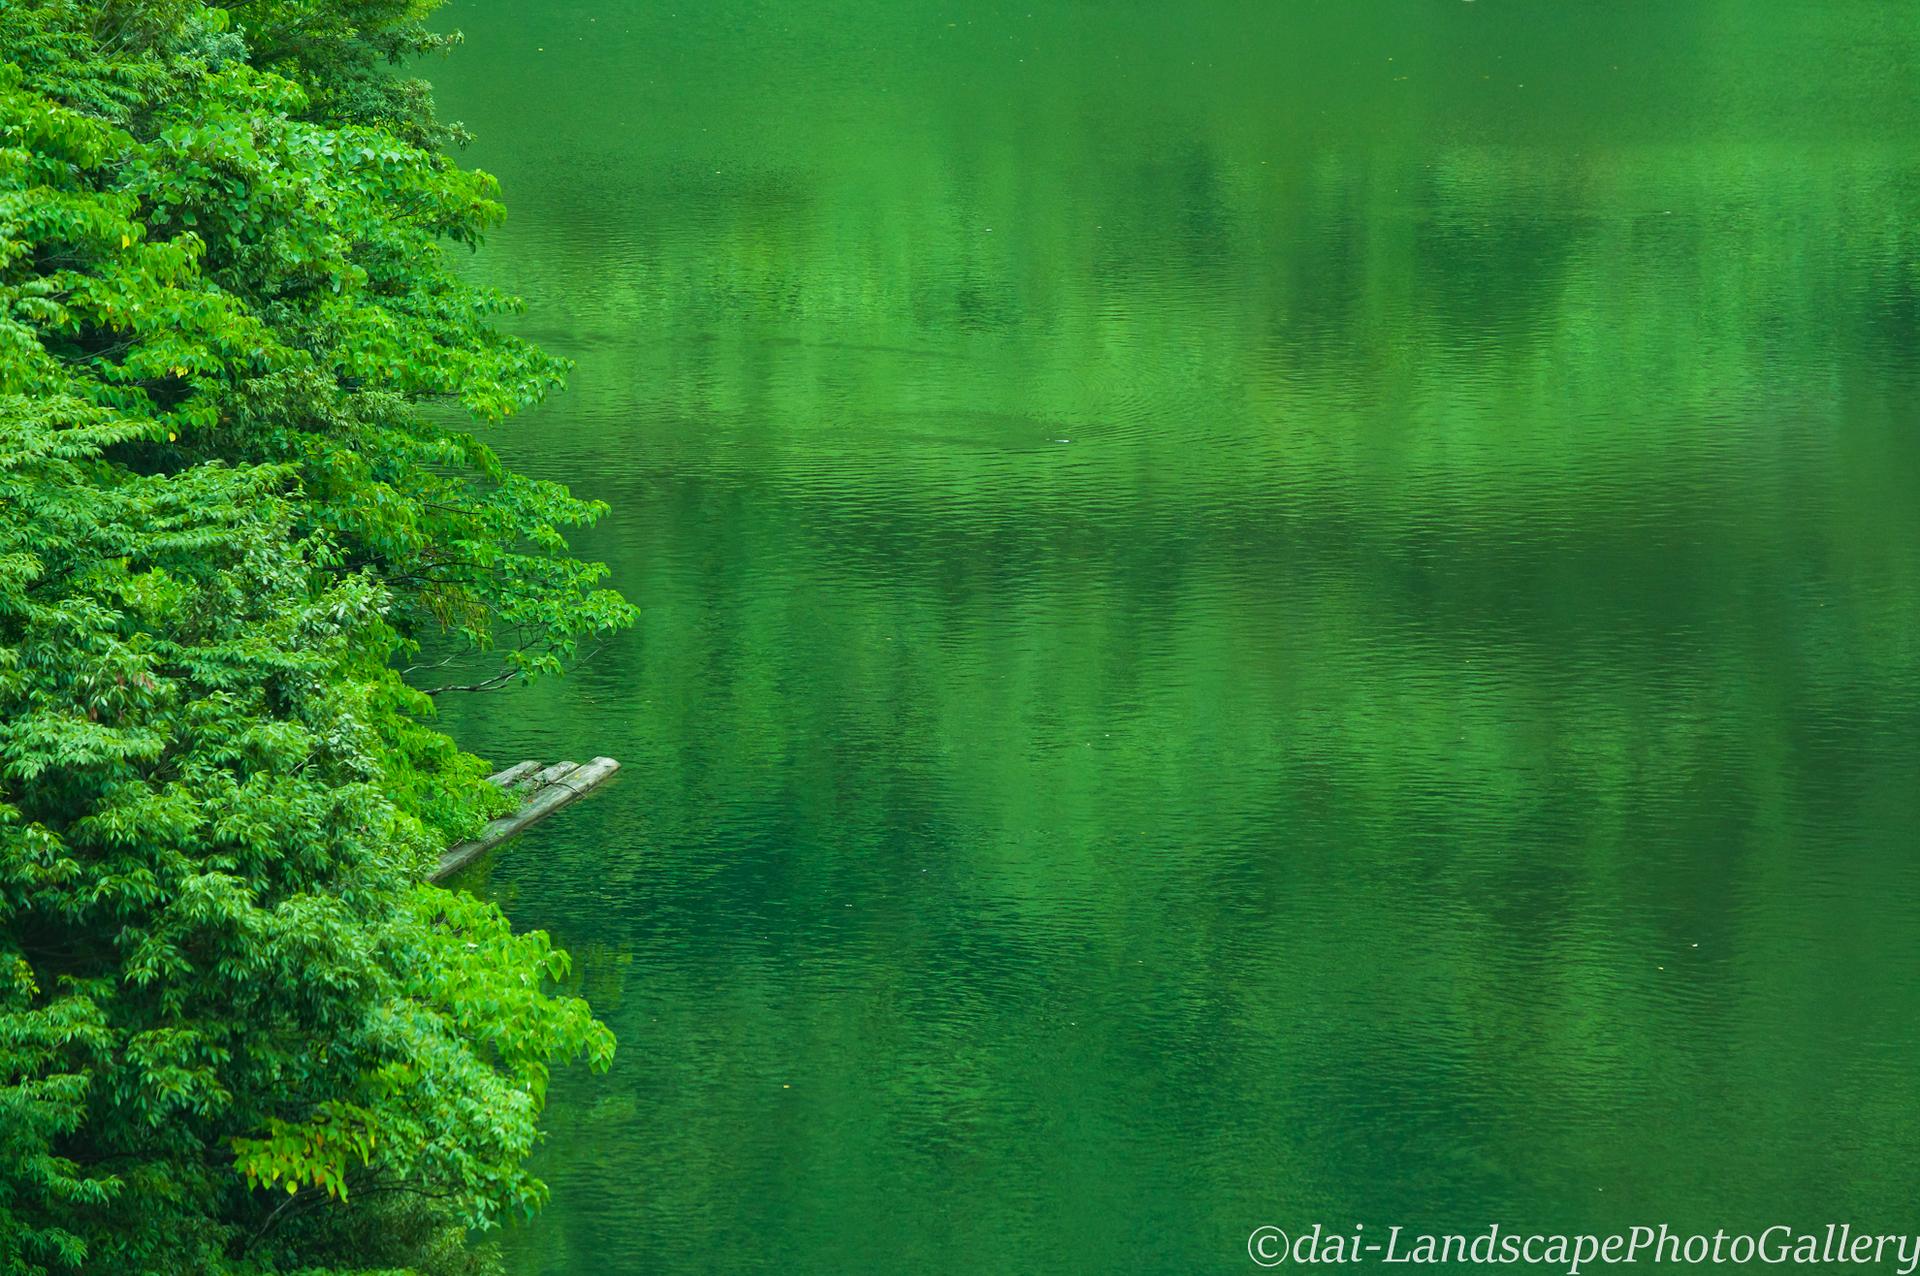 あさひ小川湖 夏の湖畔風景